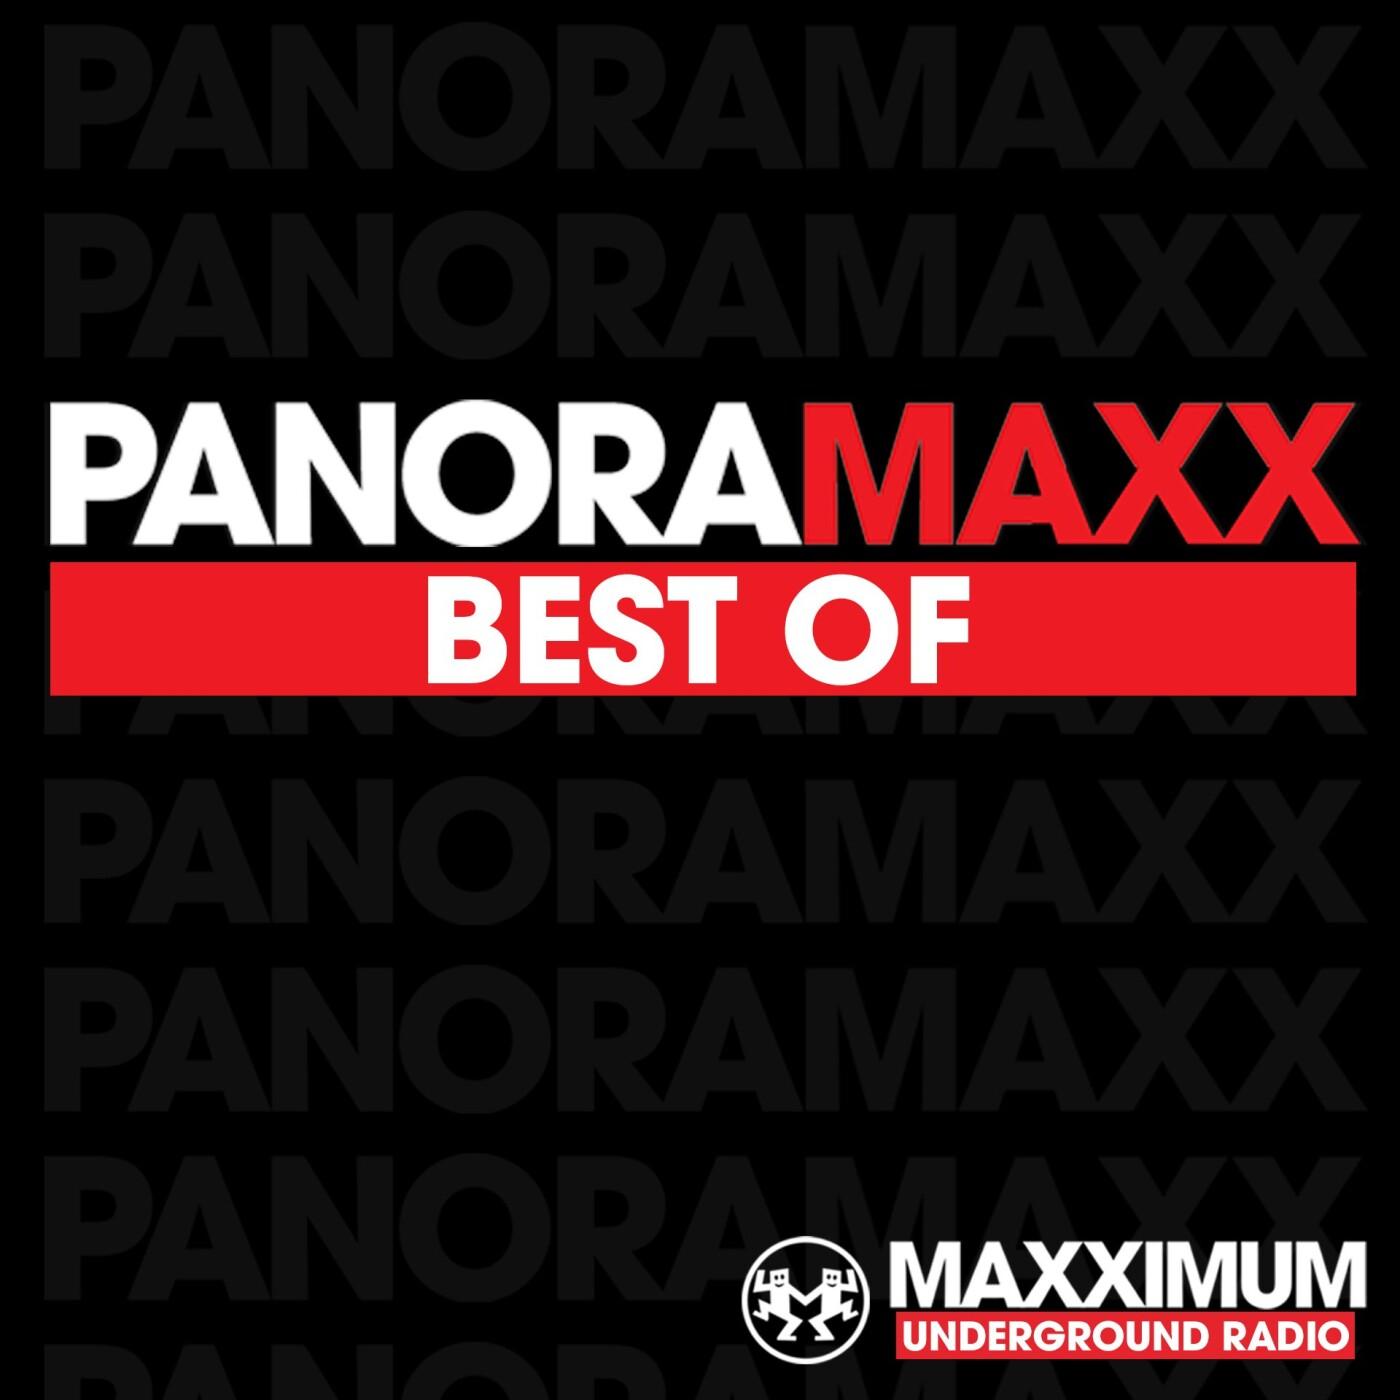 PANORAMAXX BEST OF : YUADA